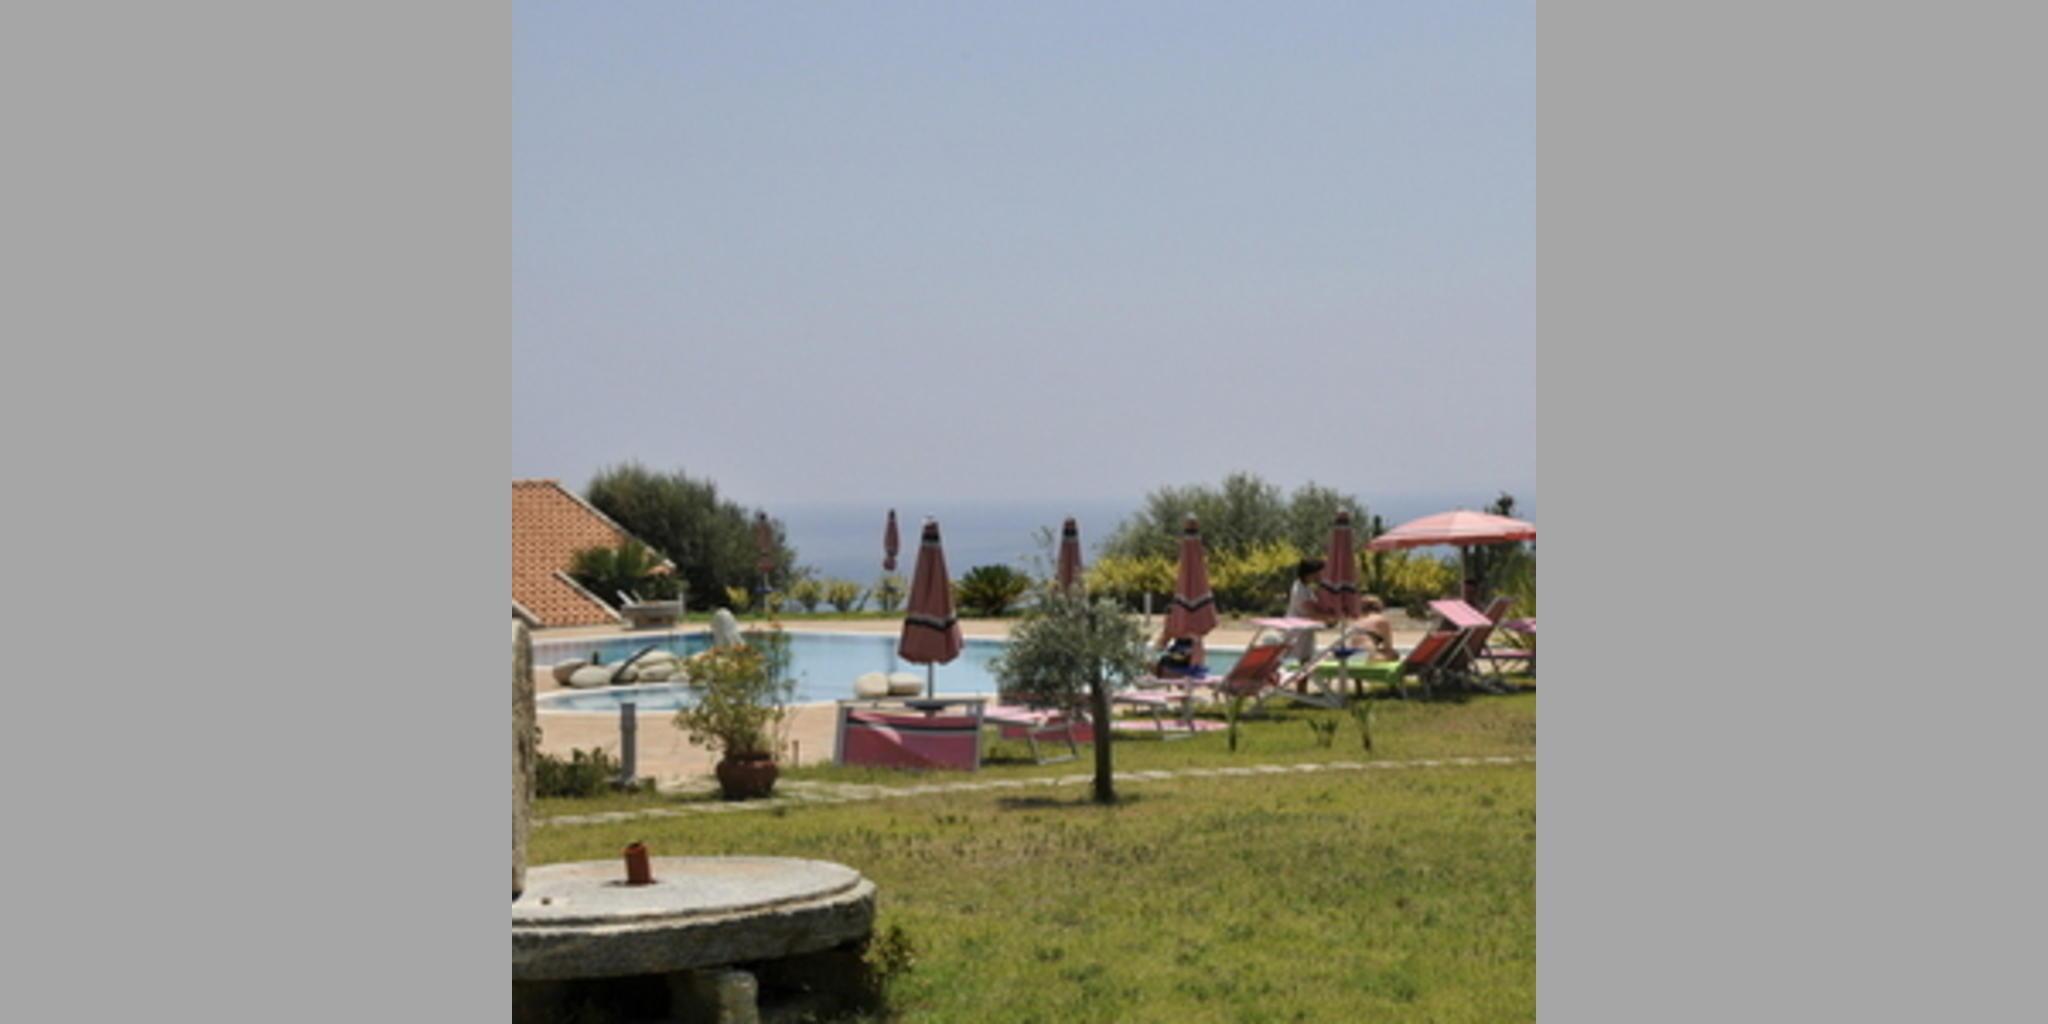 Farmhouse Borgia - Borgo Piazza